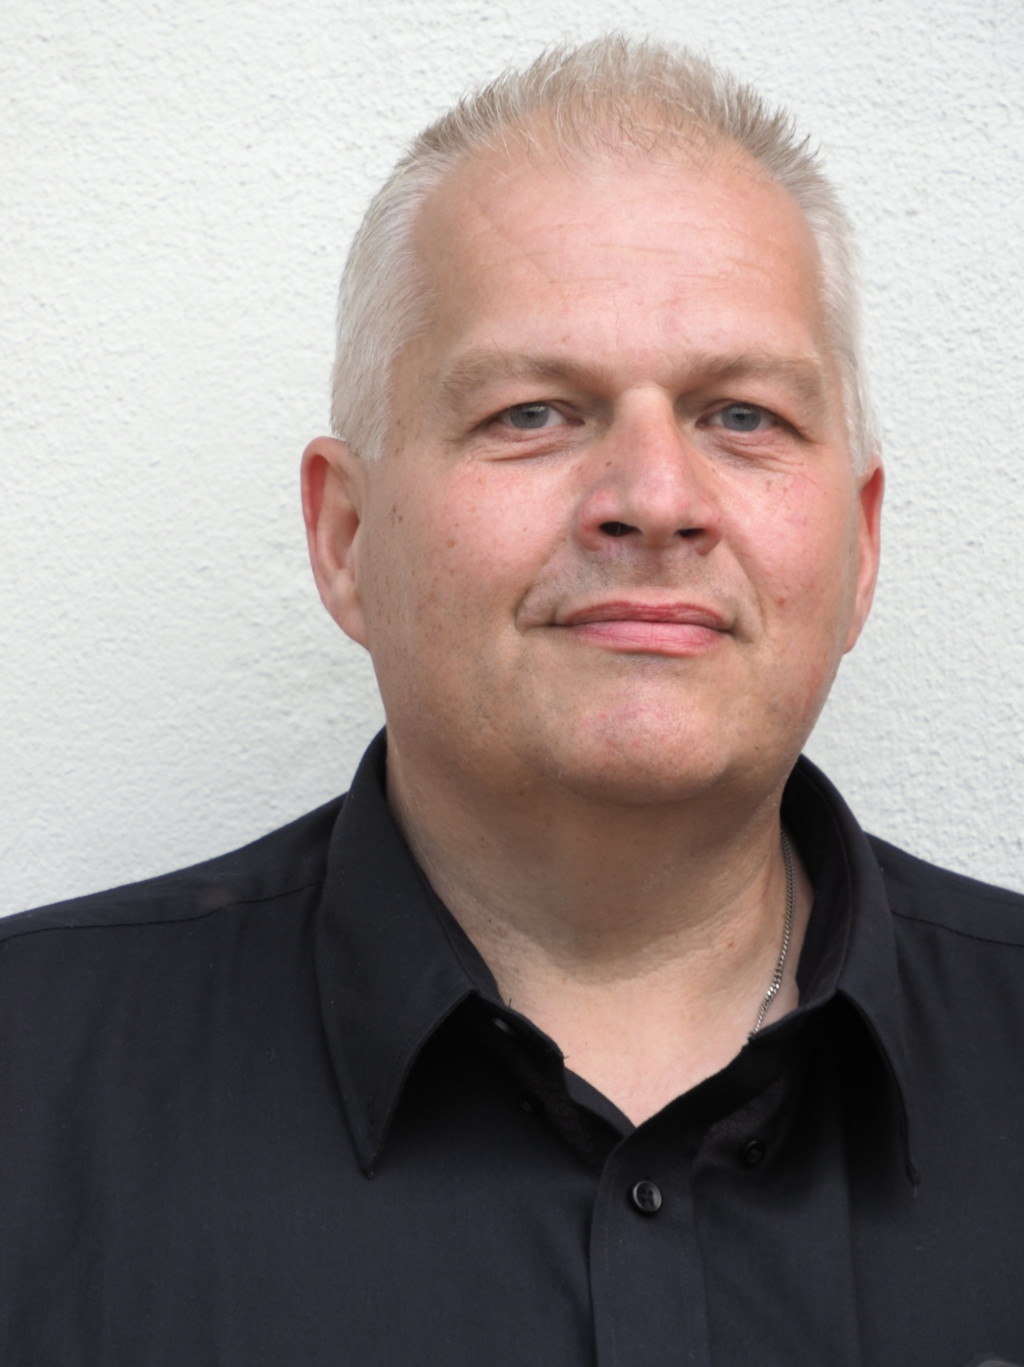 Thomas Opfermann